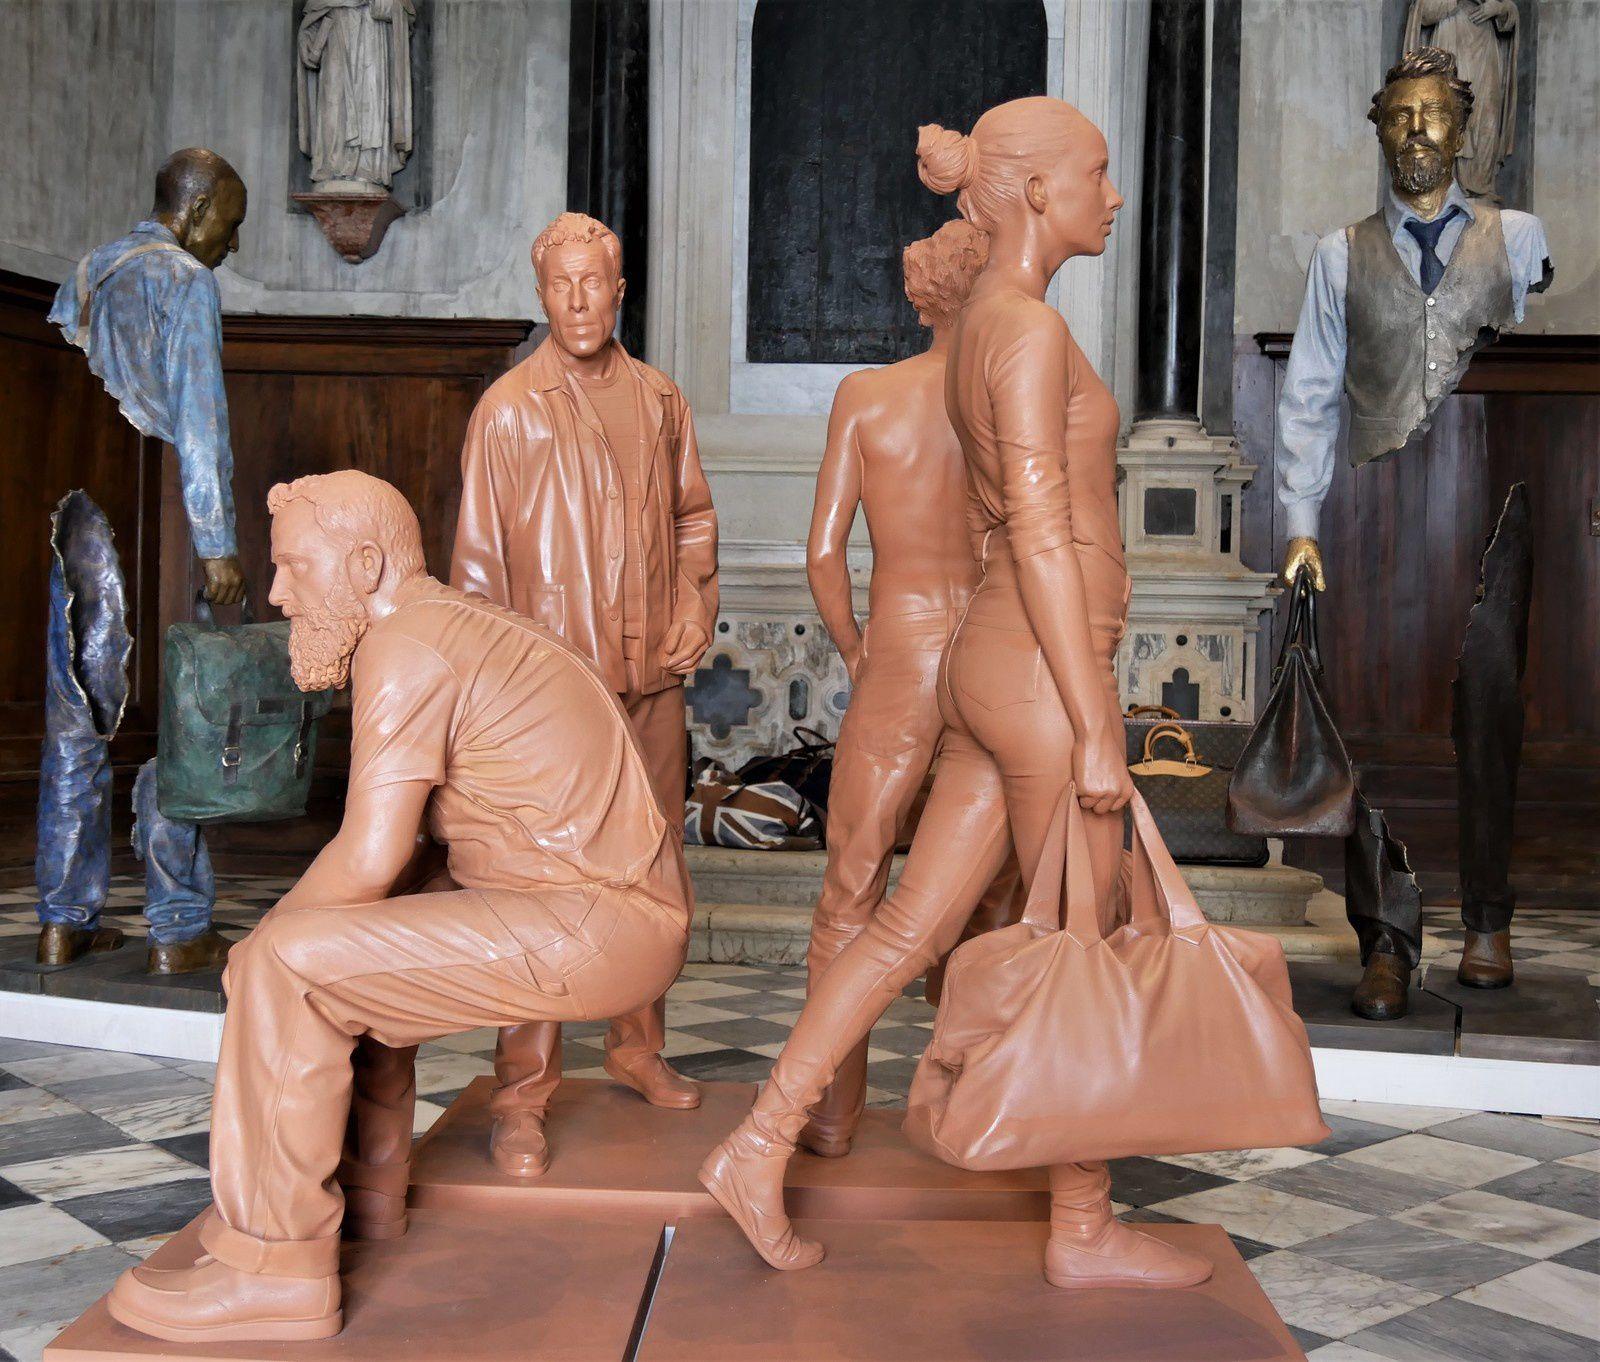 Les sculptures de Bruno Catalano à Venise. Voyageurs de bronze et de vent.